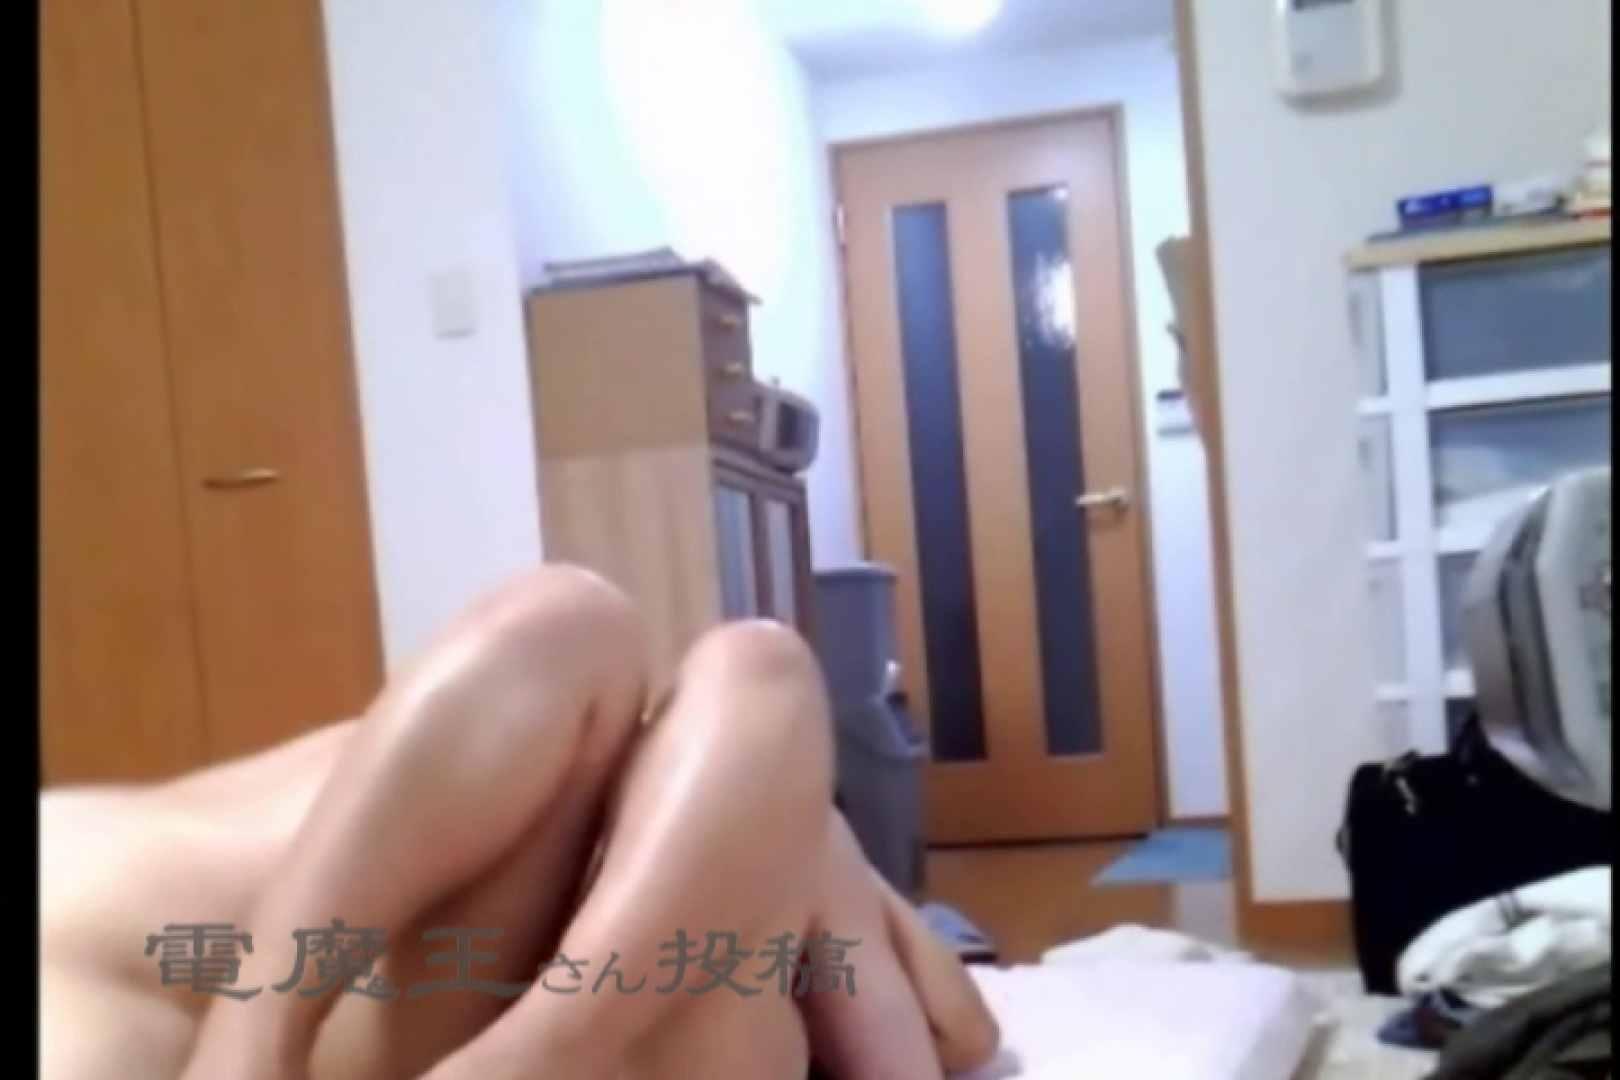 電魔王さんの「隠撮の部屋」ケイ 隠撮  91pic 44